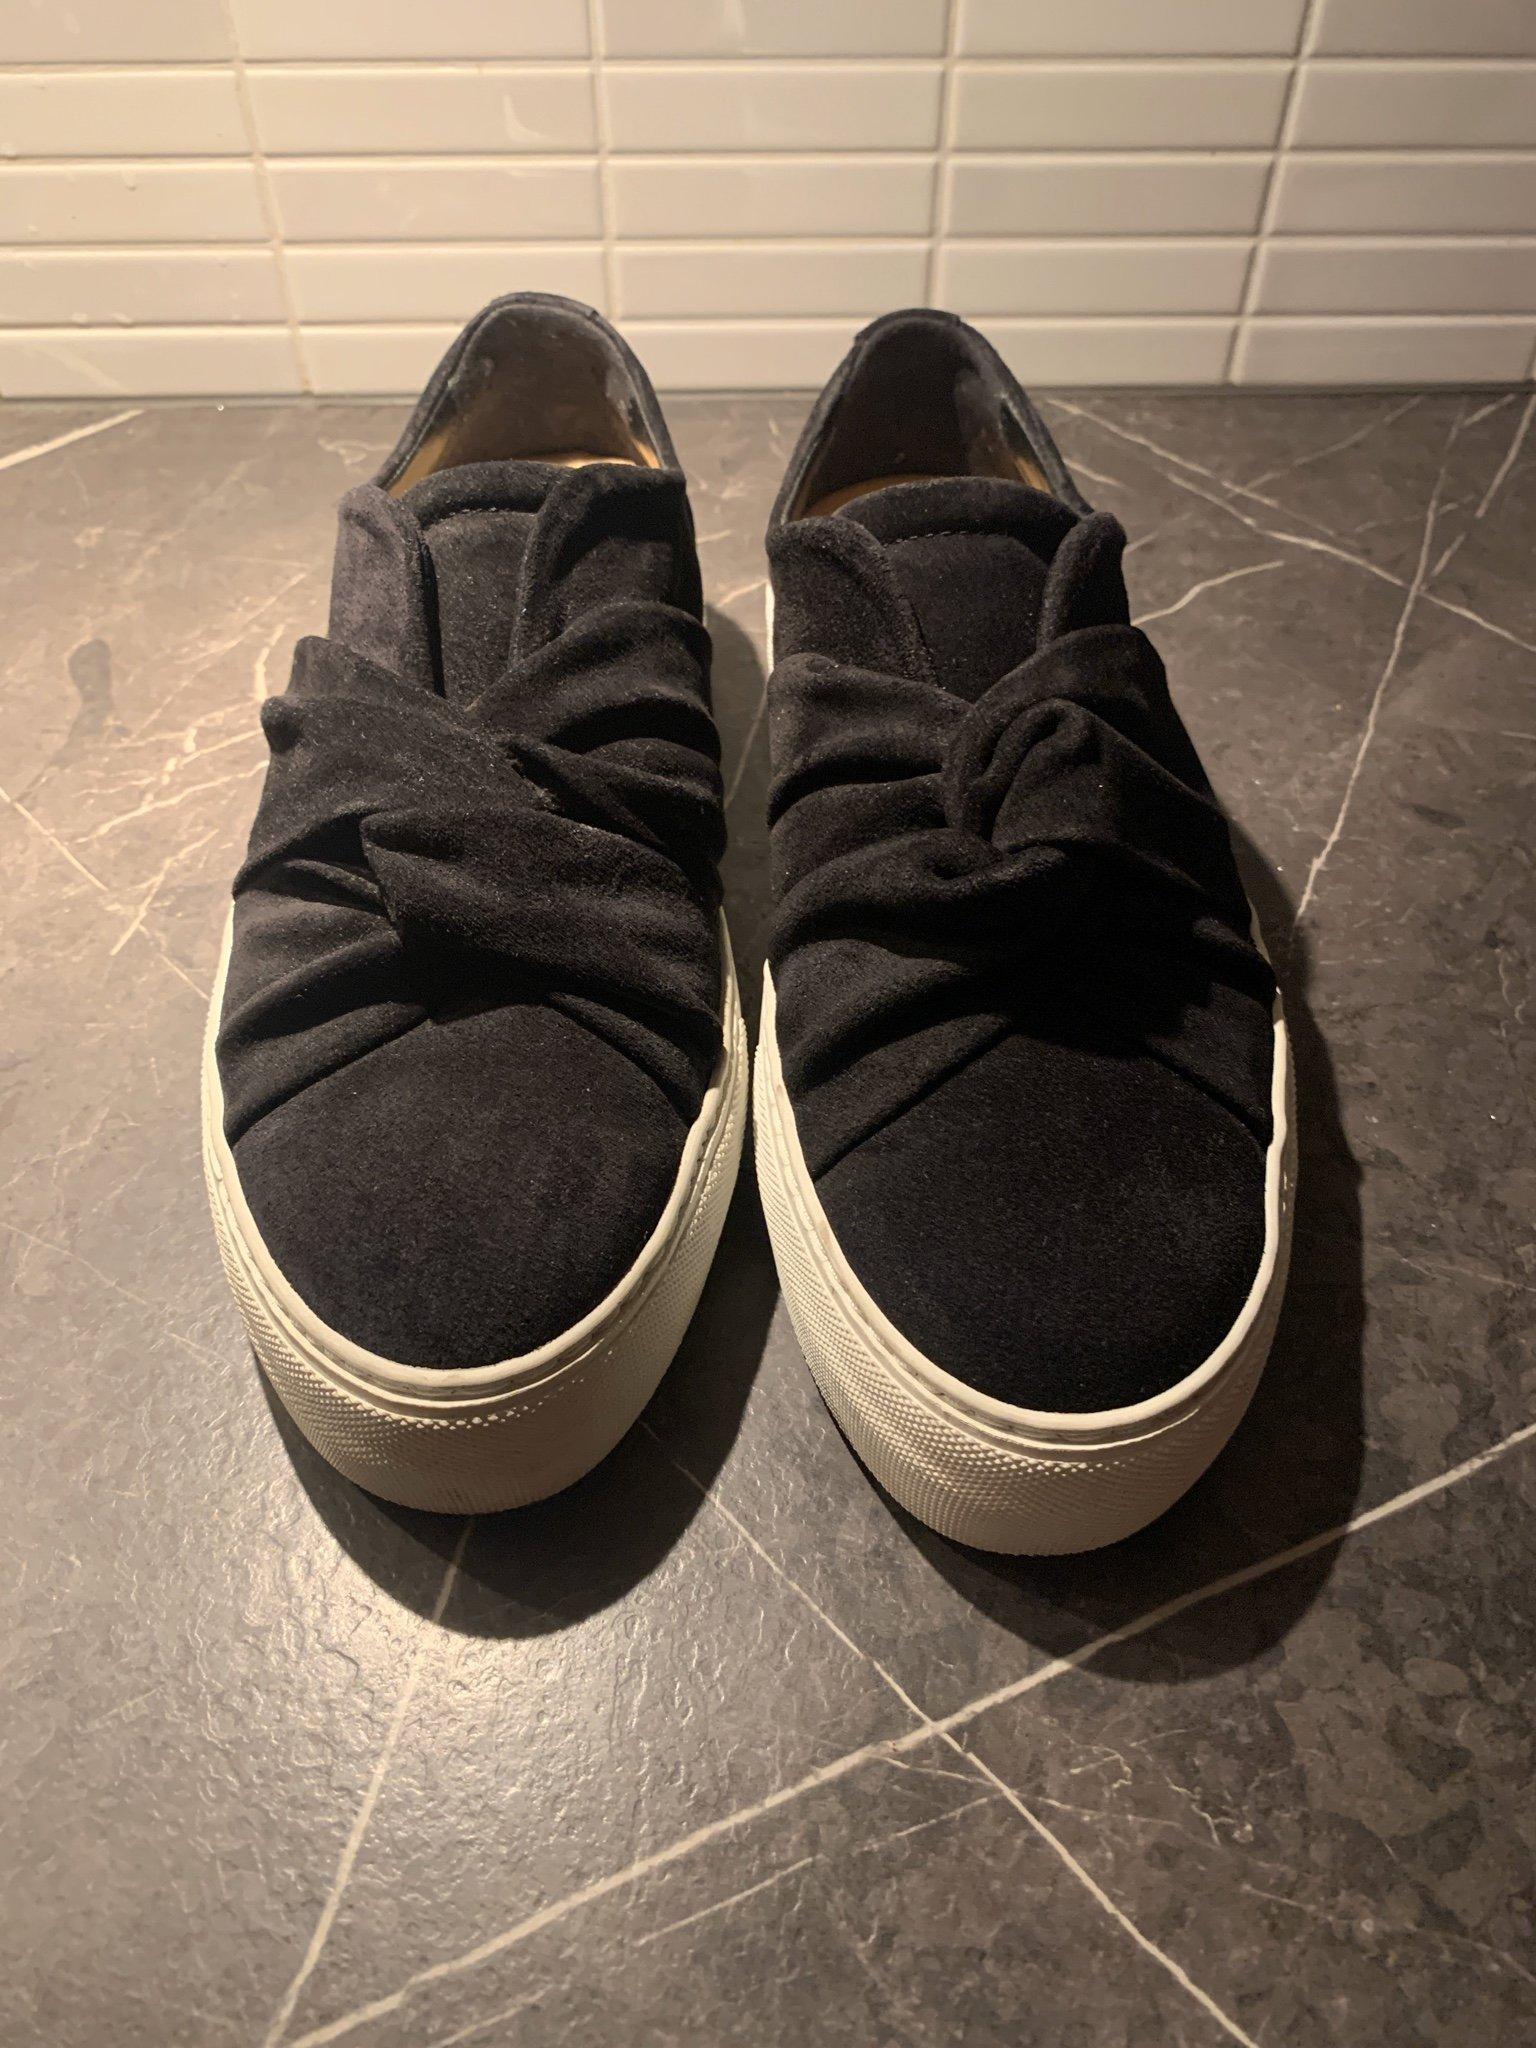 COS Svarta Sneakers Skor i mocka med beige sula strl 38 svart mockaskor platå